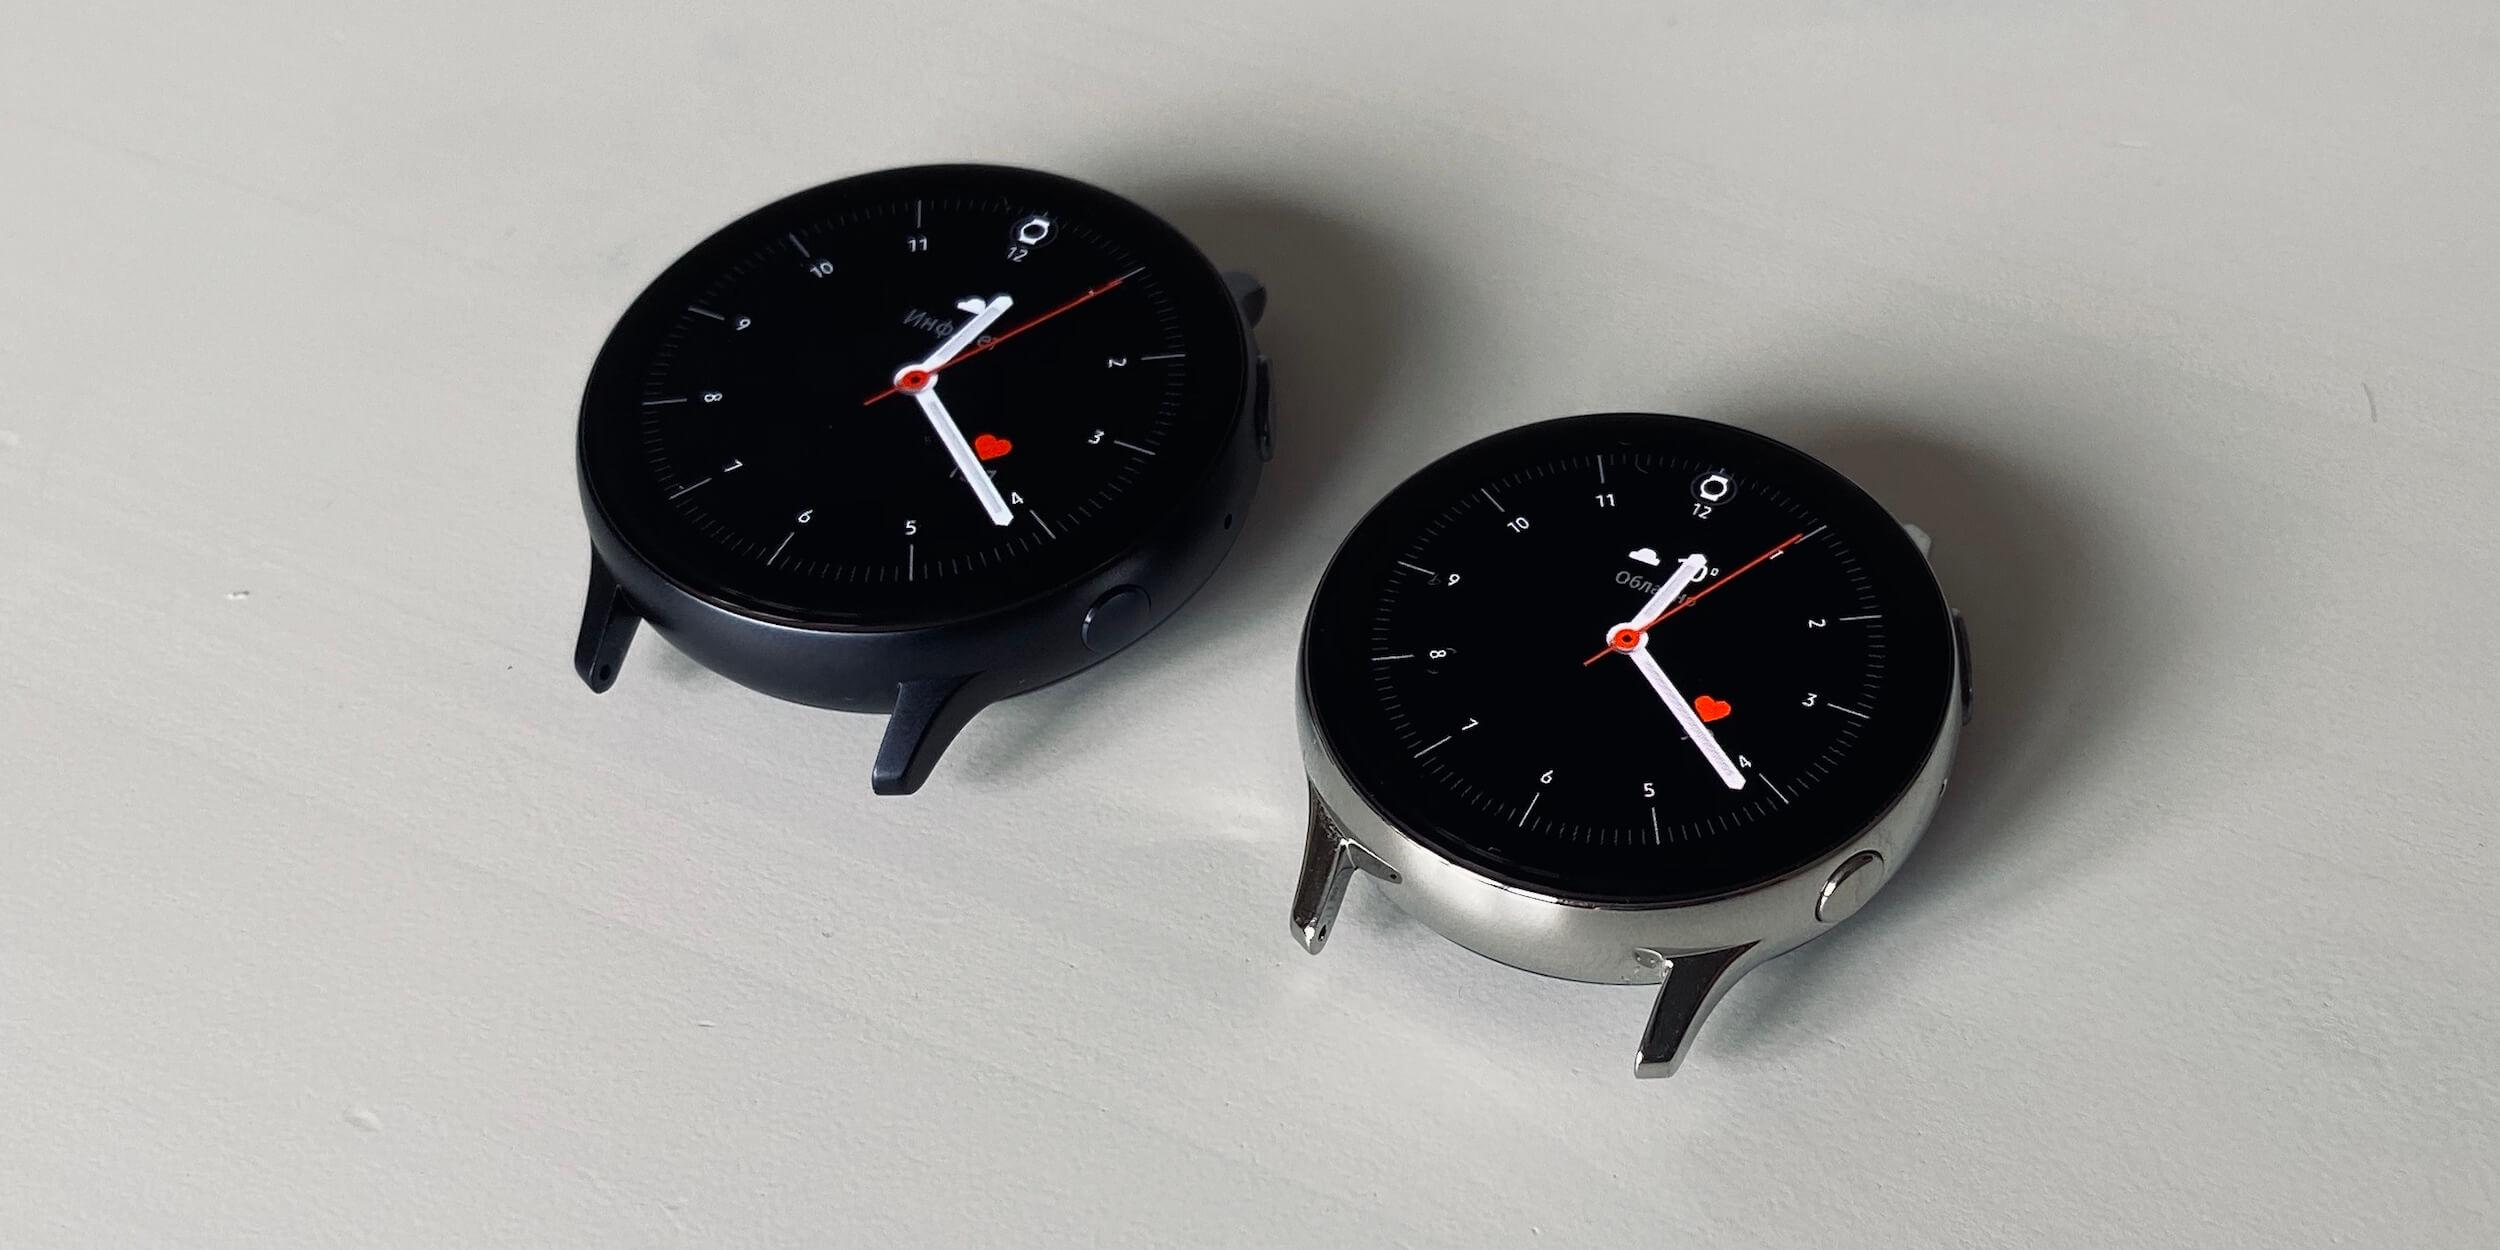 Samsung Galaxy Watch Active 2: сравнение габаритов разных модификаций